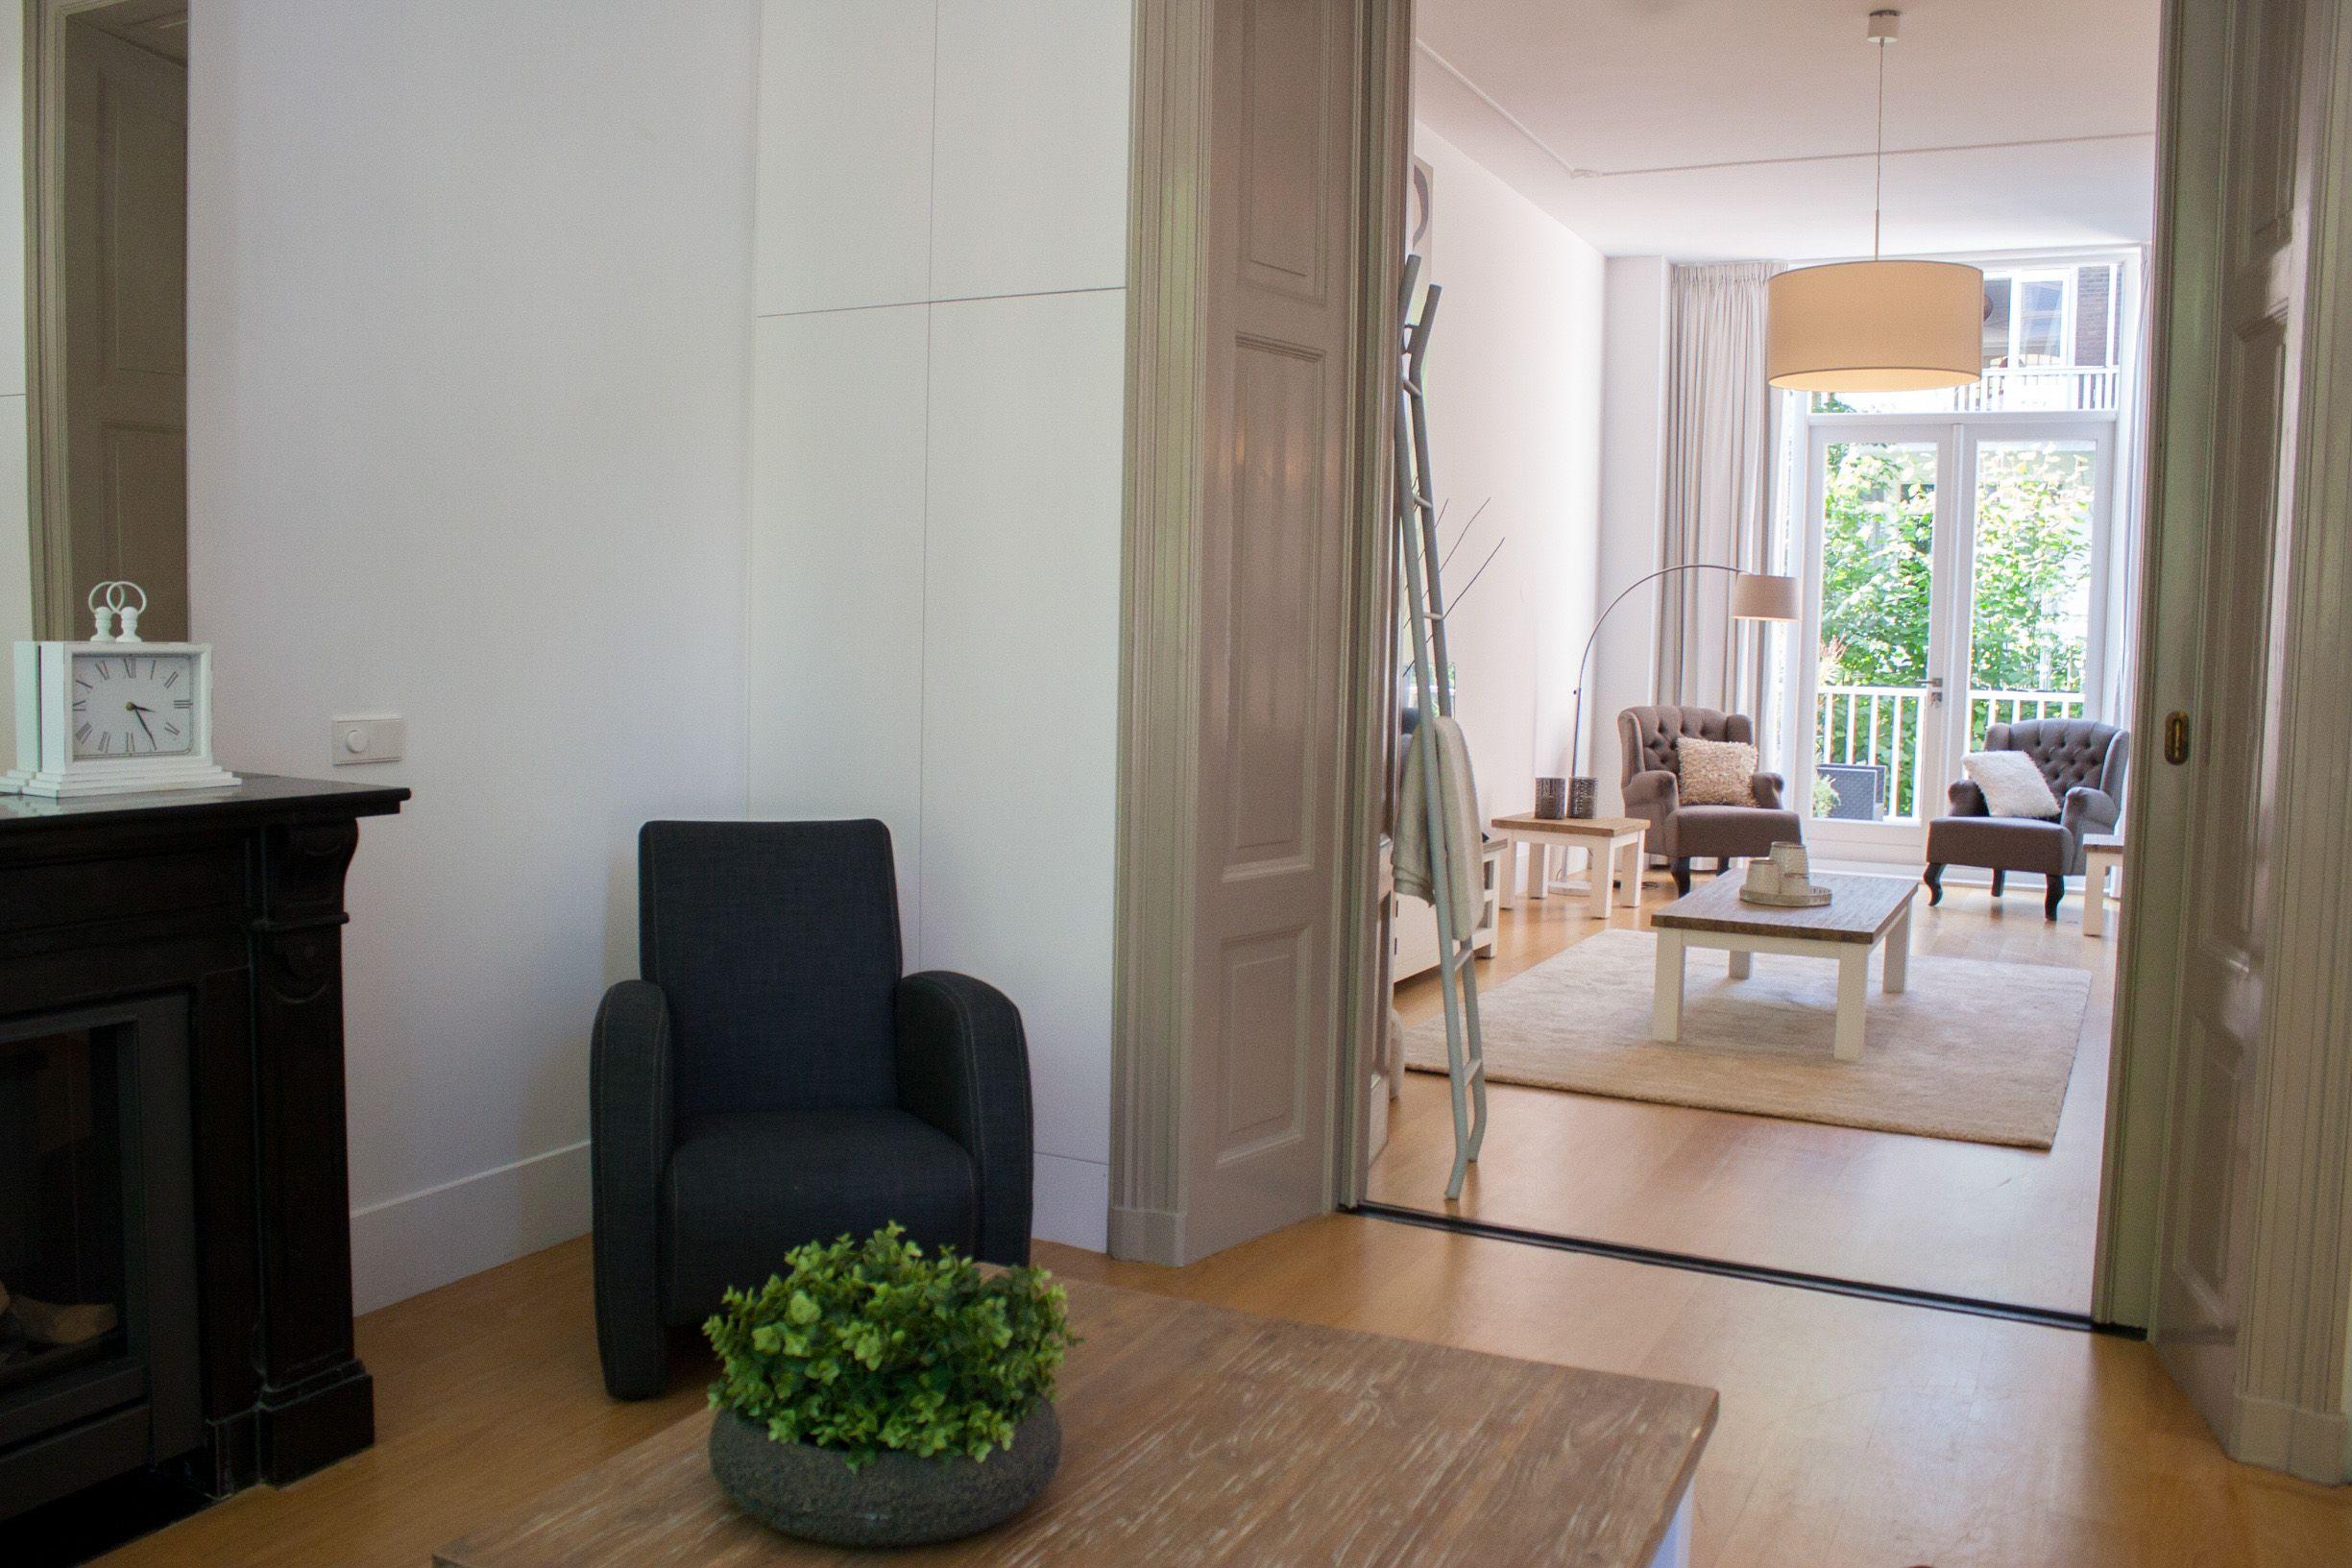 Meubel Verhuur. Furniture Rental. Interieur verhuur. Holland ...